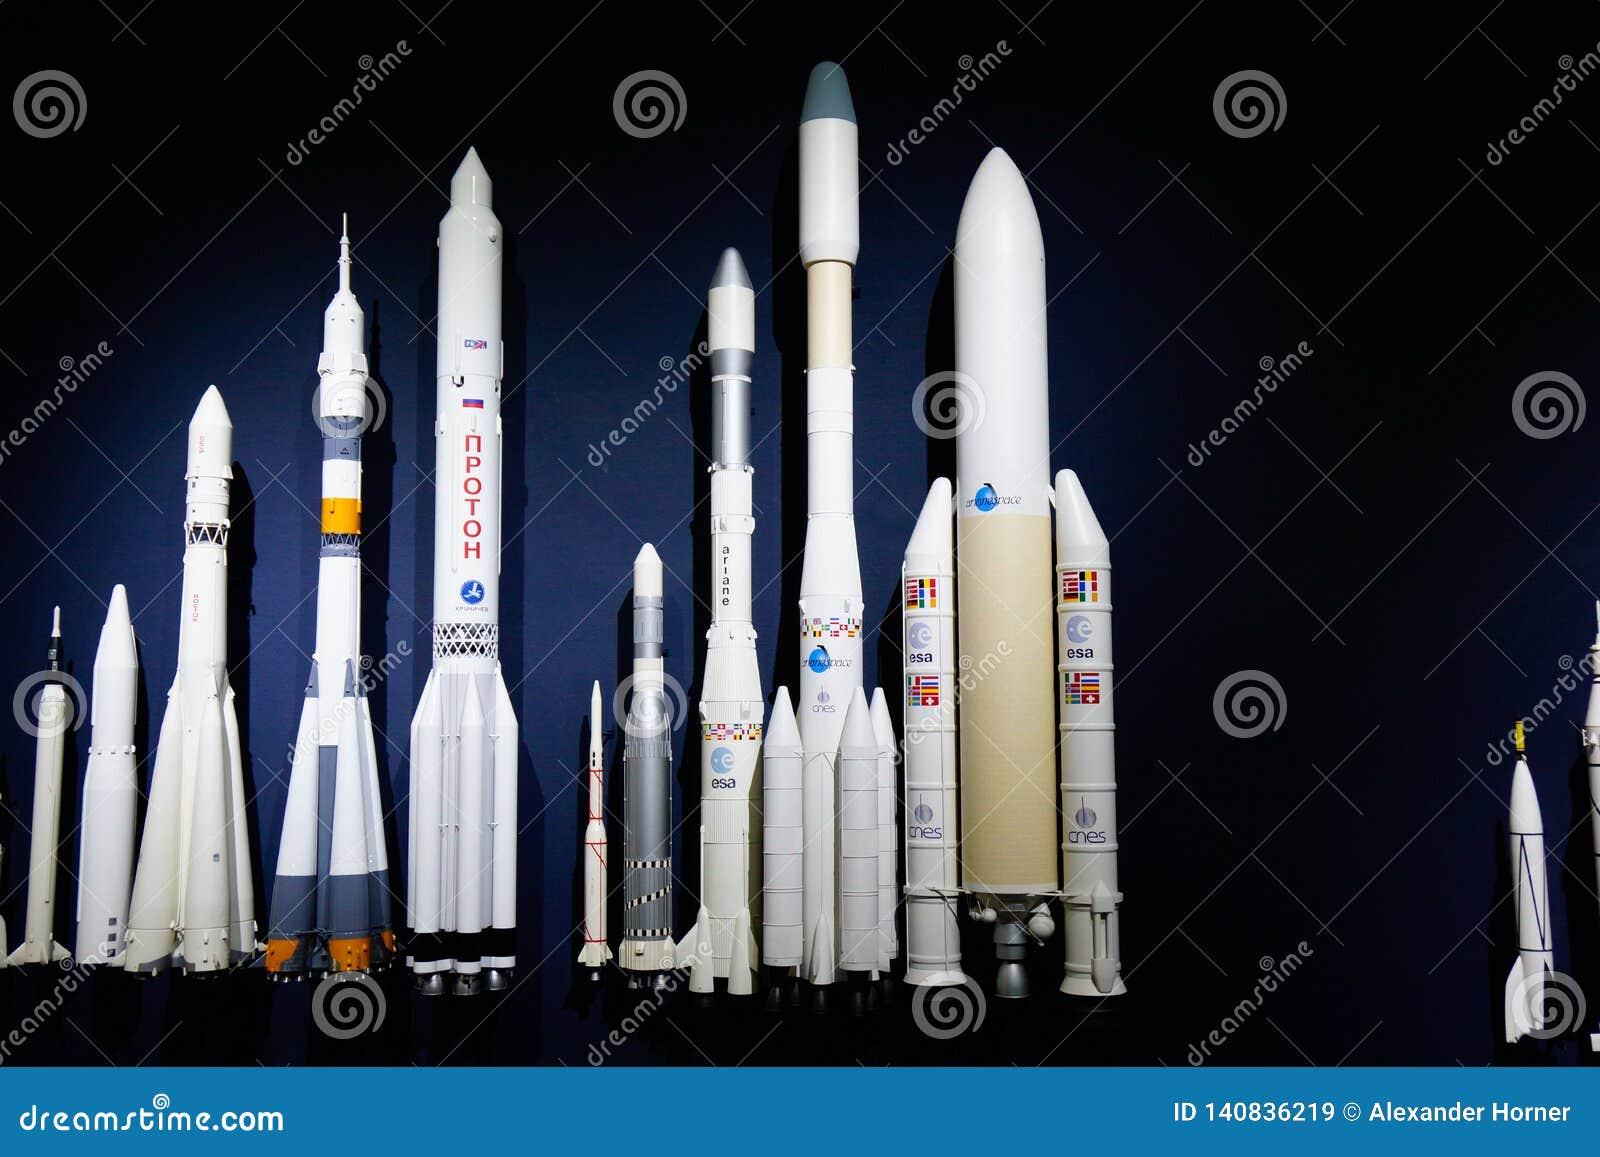 De moderne ruimteontwikkeling van ambachtmodellen van ruimtewetenschap